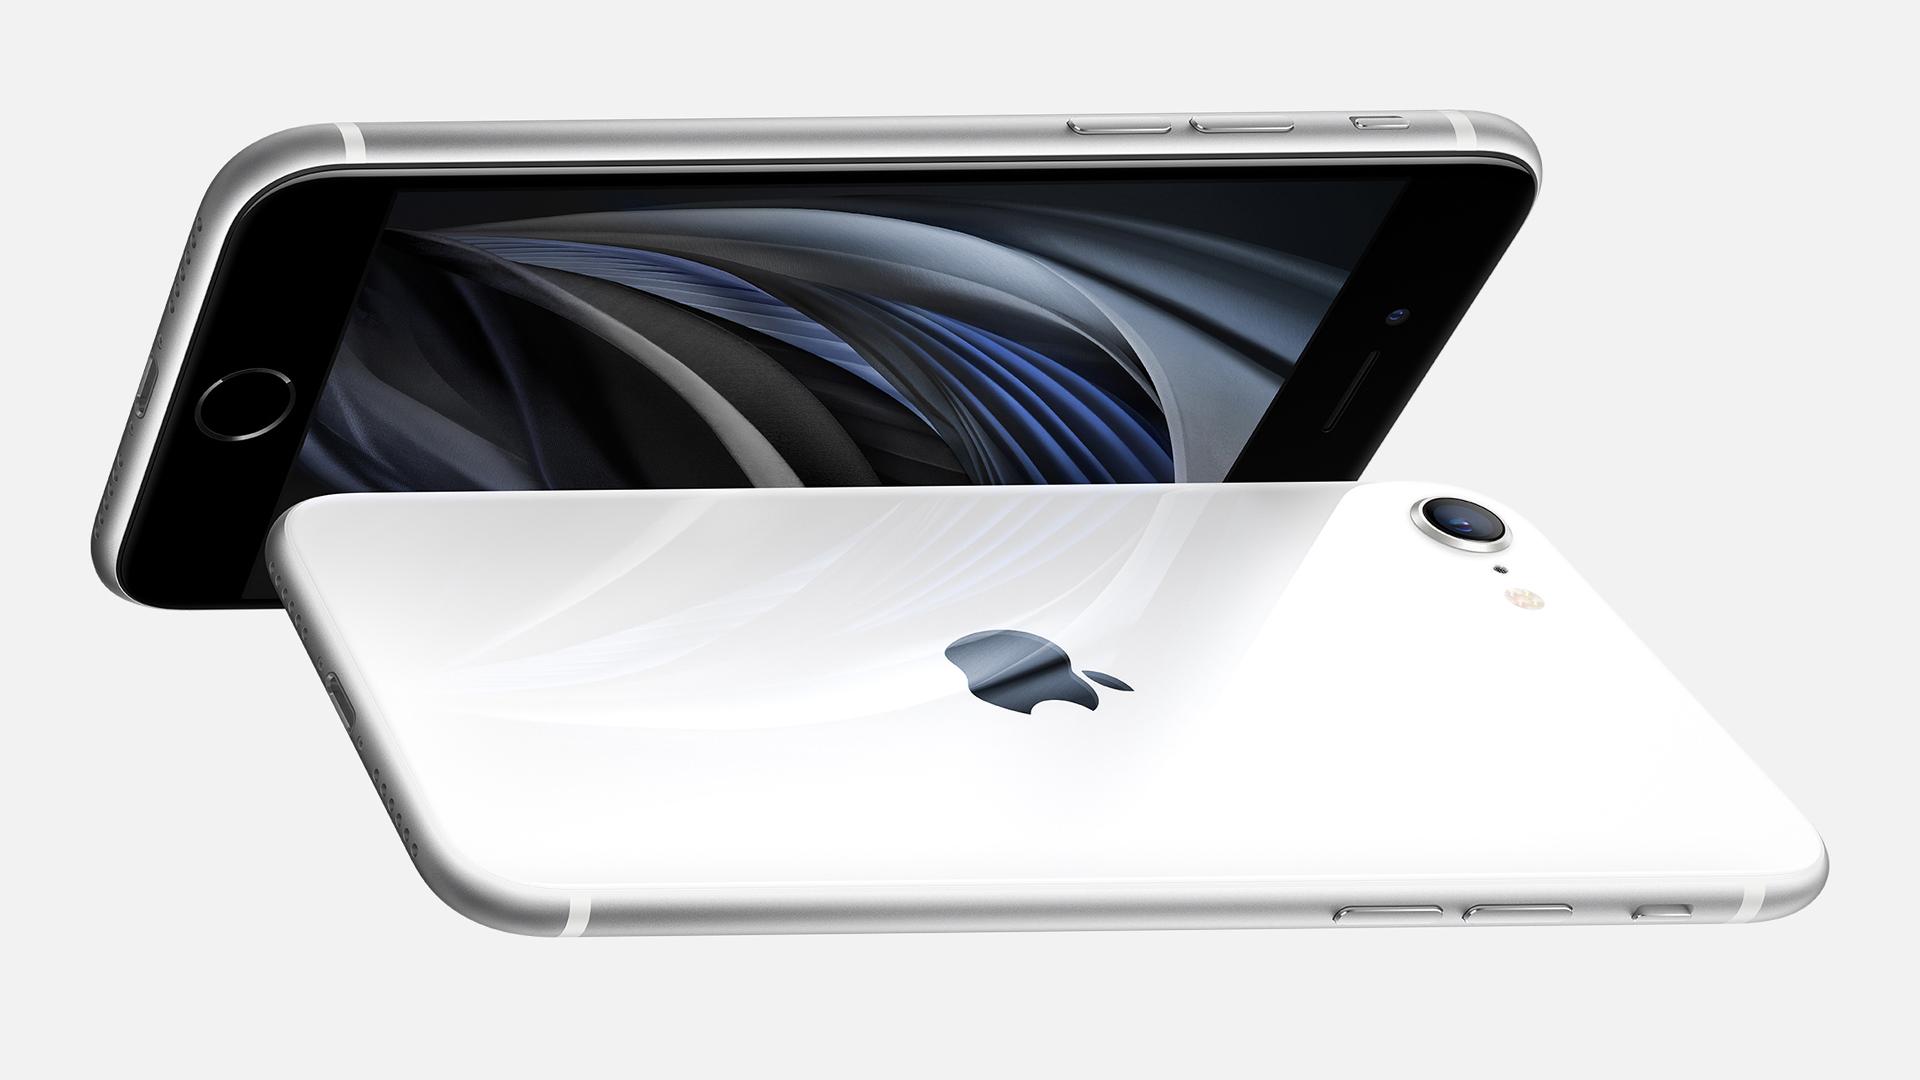 अहिलेसम्मकै सबैभन्दा सस्तो आईफोन नेपालमा लन्च हुँदै, कति पर्ला मूल्य ?